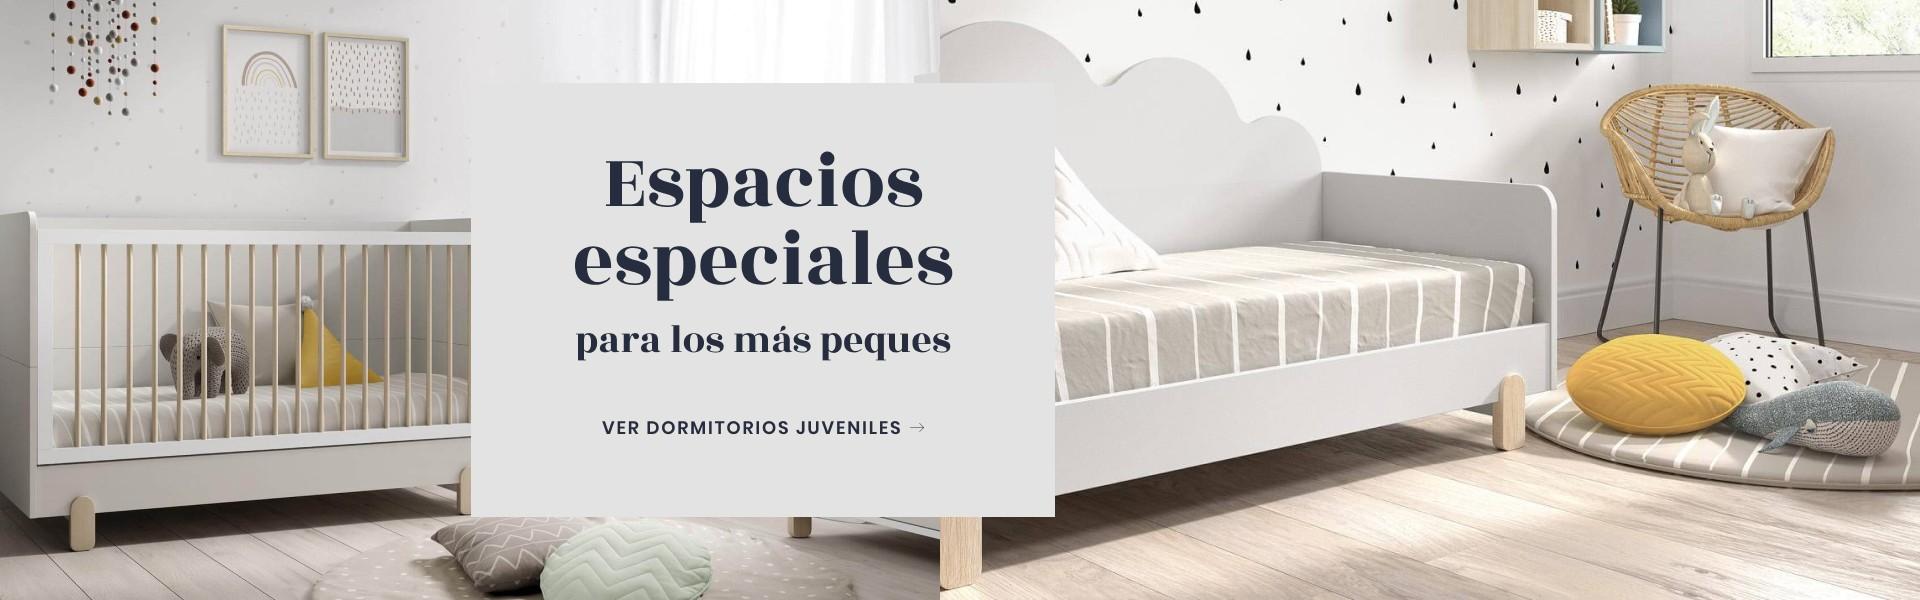 Espacios especiales para los más pequeños